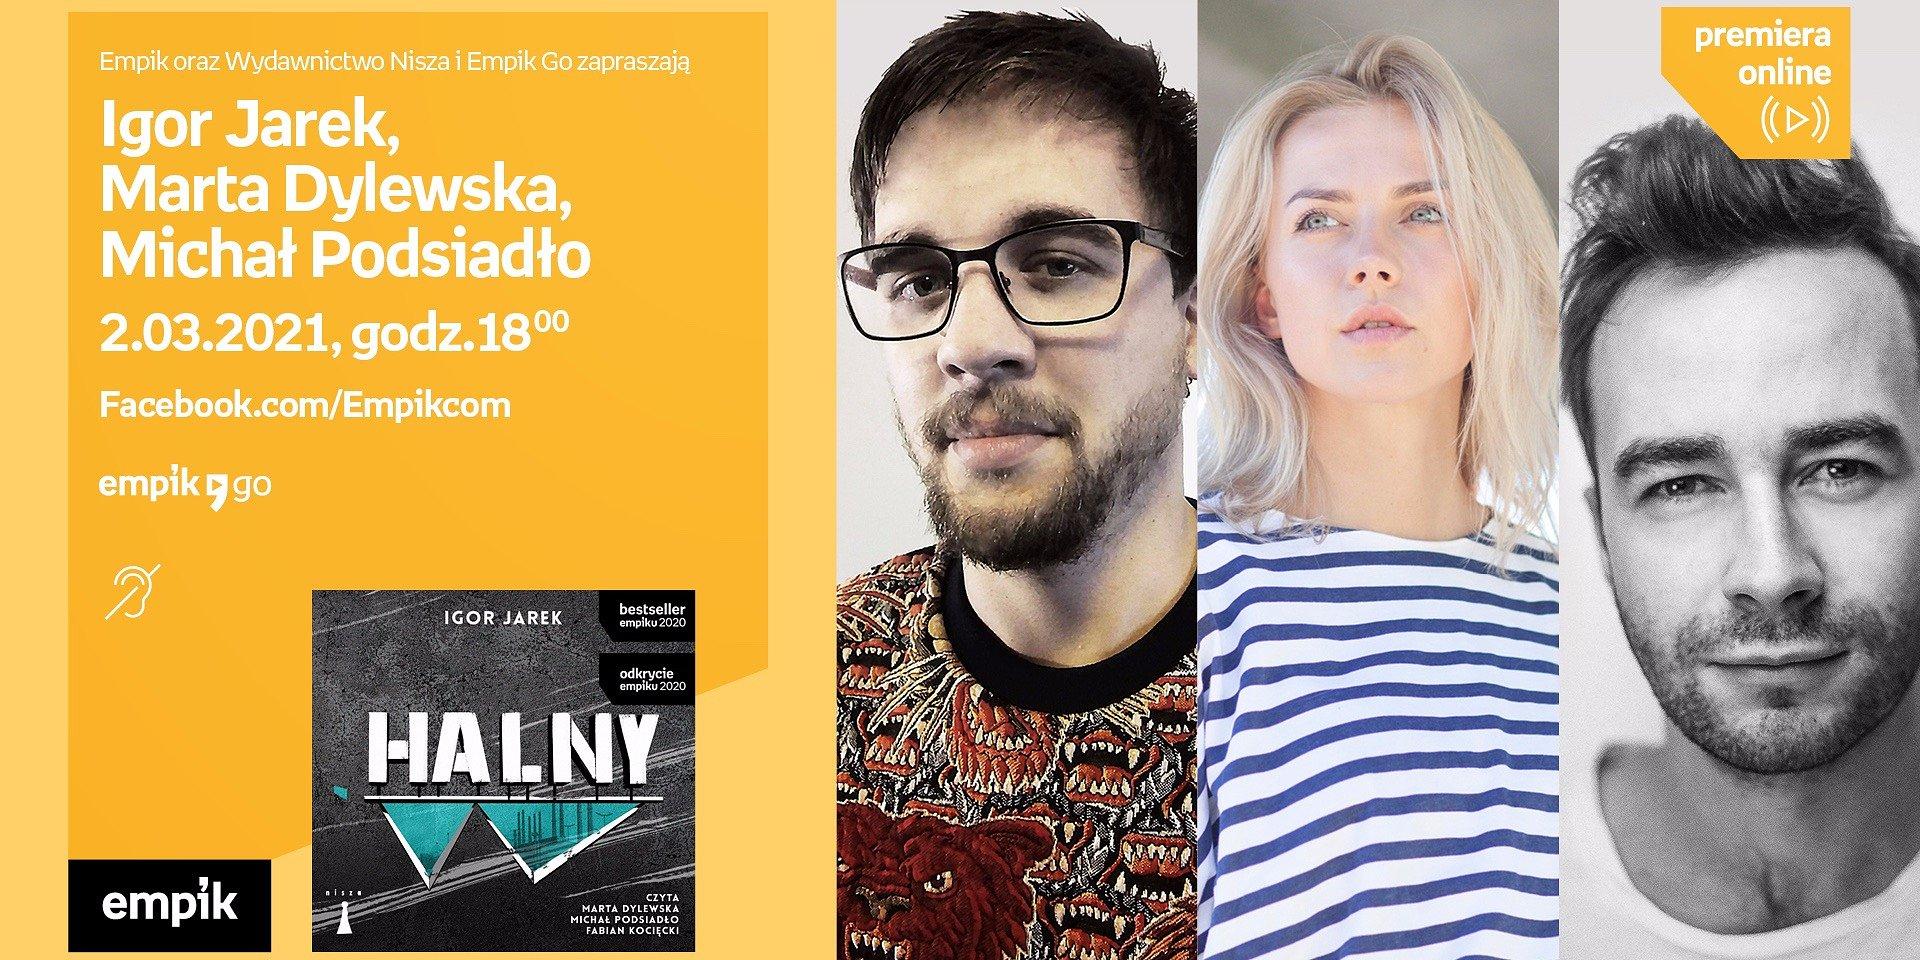 """""""Halny"""" – premiera audiobooka. Spotkanie online z autorem Igorem Jarkiem i aktorami"""